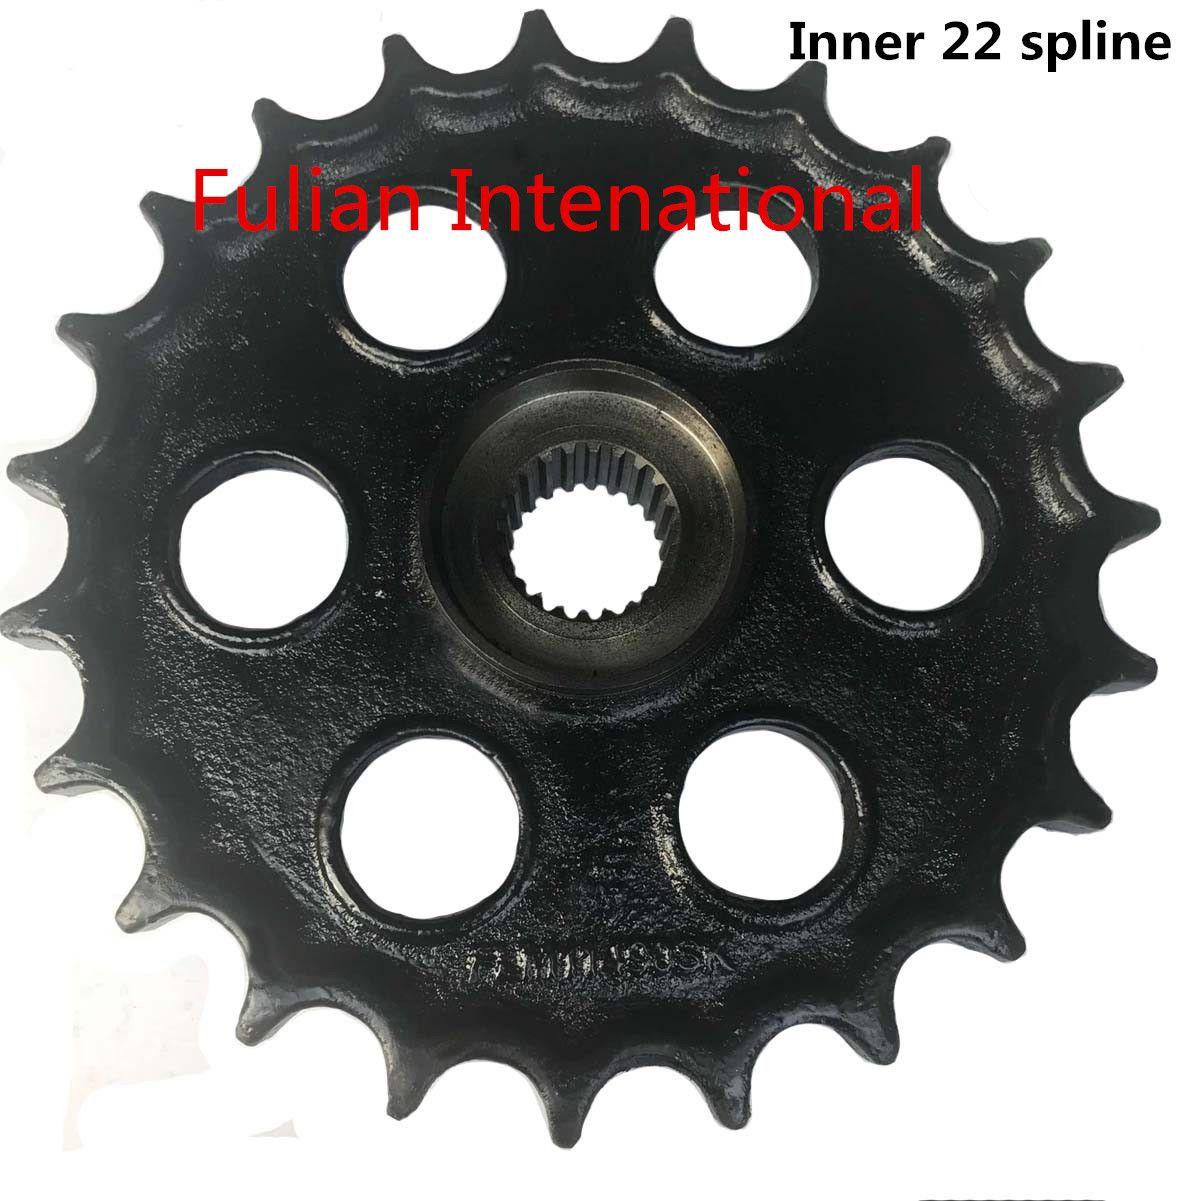 Mini Excavator Sprocket 68571-14432 for Kubota KH30,KH90,KH120 Inner Spline 22